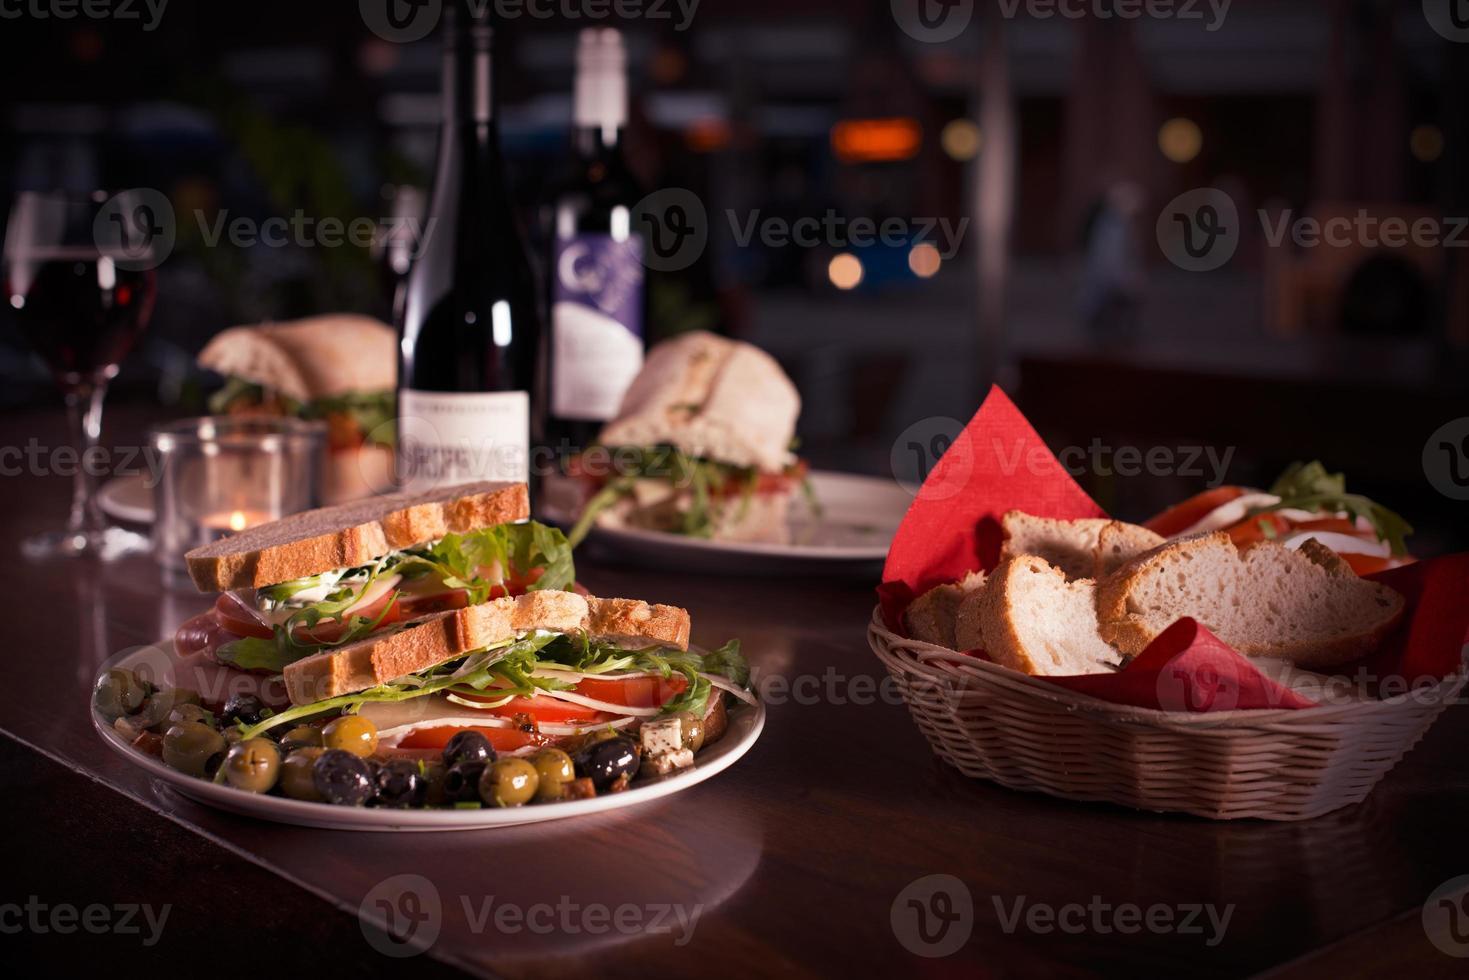 Cena de jantar com vinho, pão branco e sanduíches foto